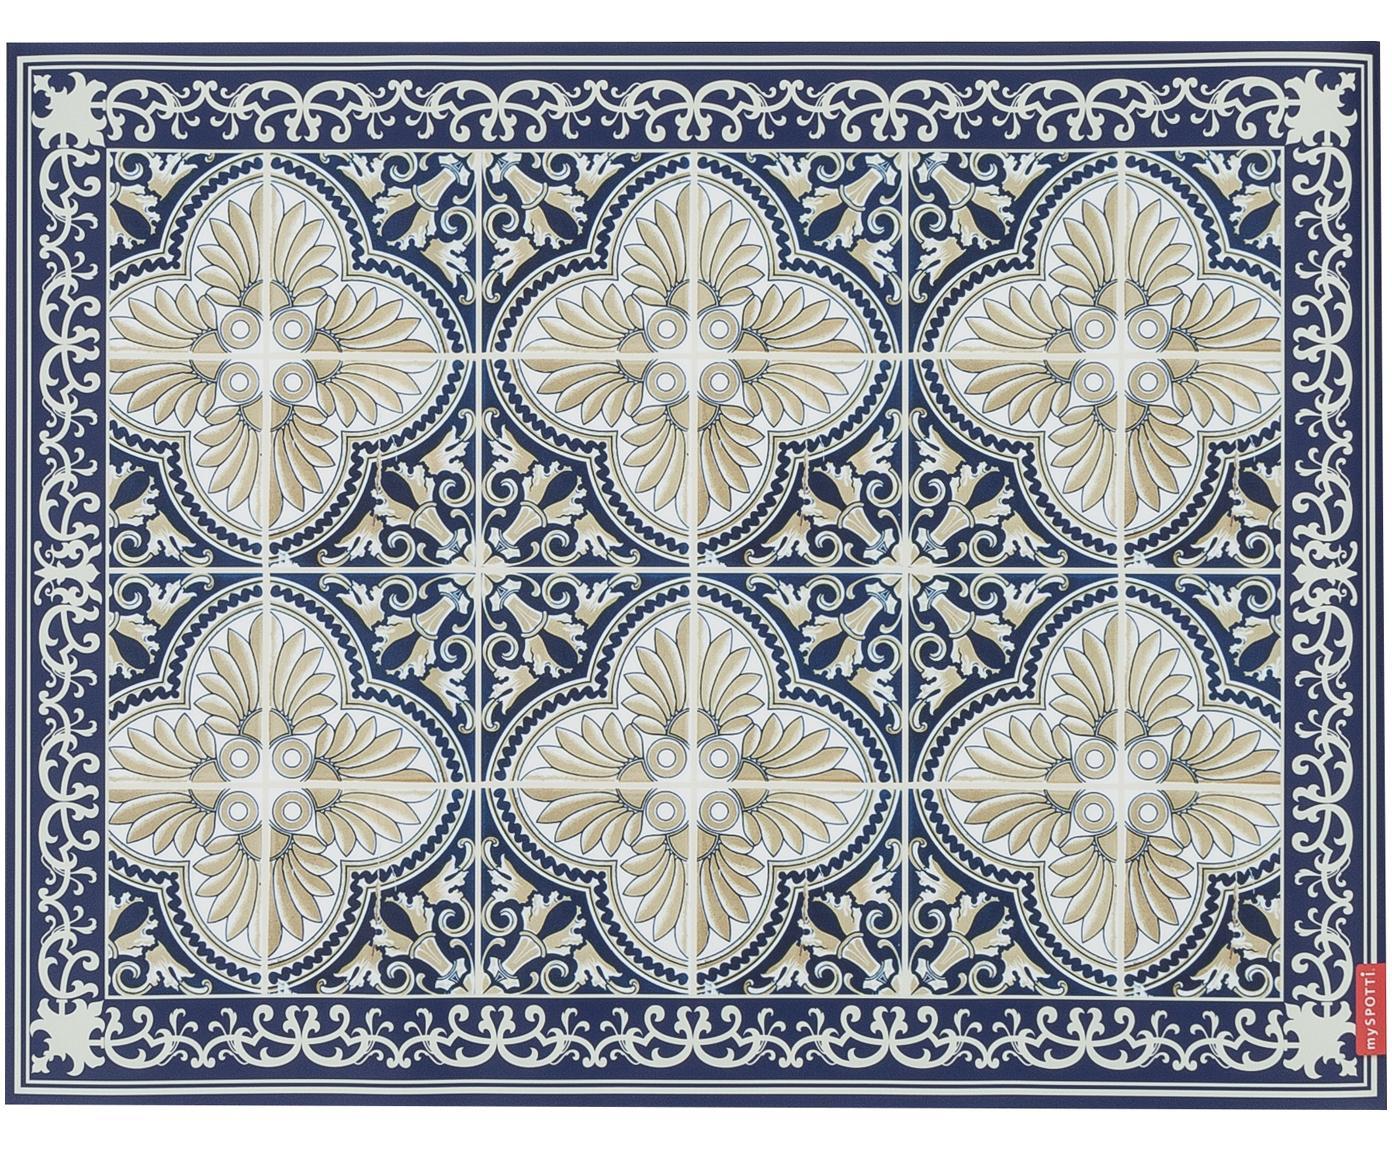 Vinyl-Bodenmatte Luis, Vinyl, Blau, Beige, 65 x 85 cm